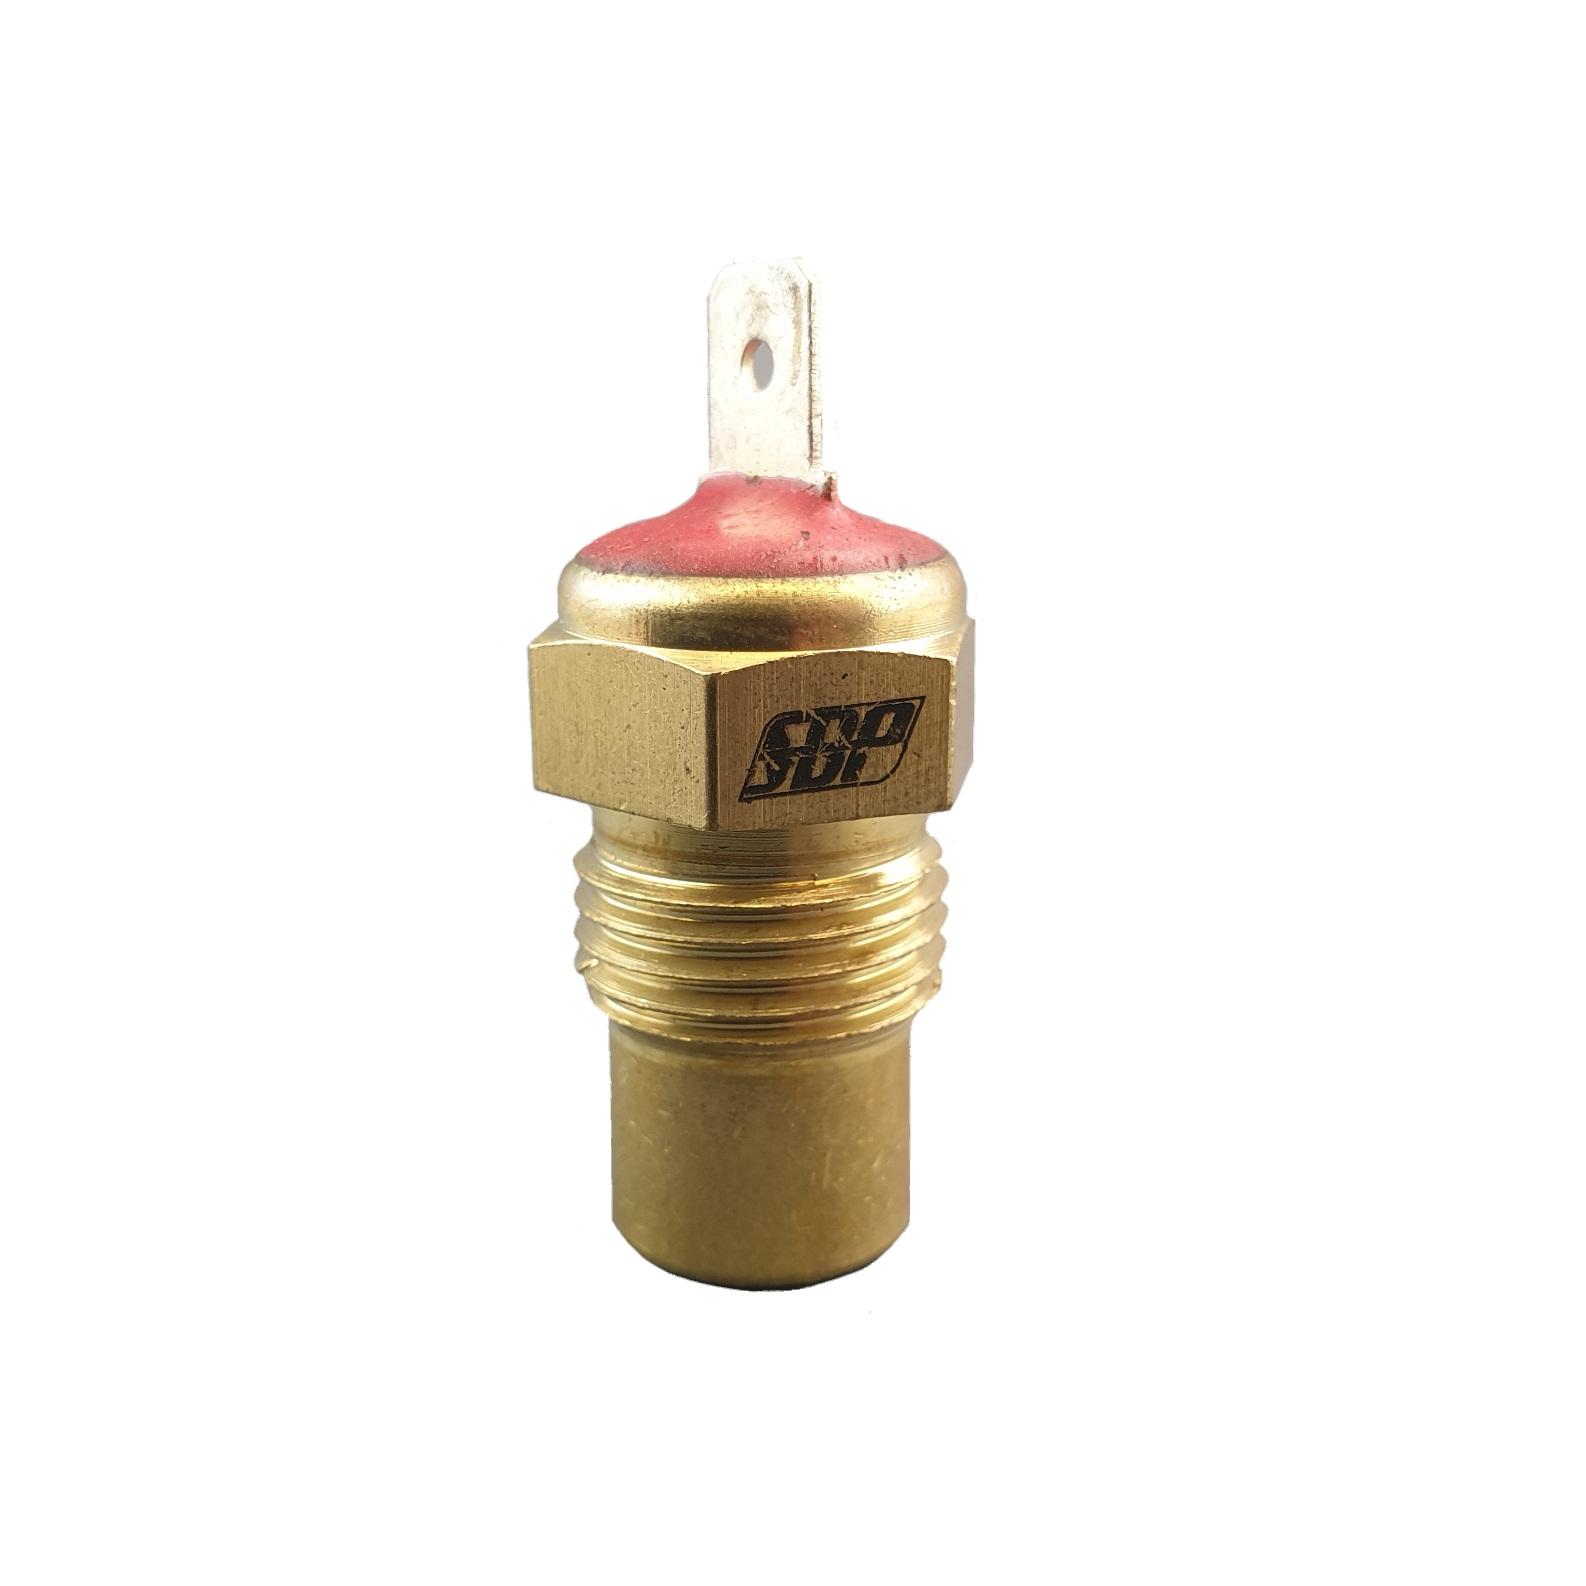 فشنگی فن اس بی پی مدل PCH5010 مناسب برای پراید